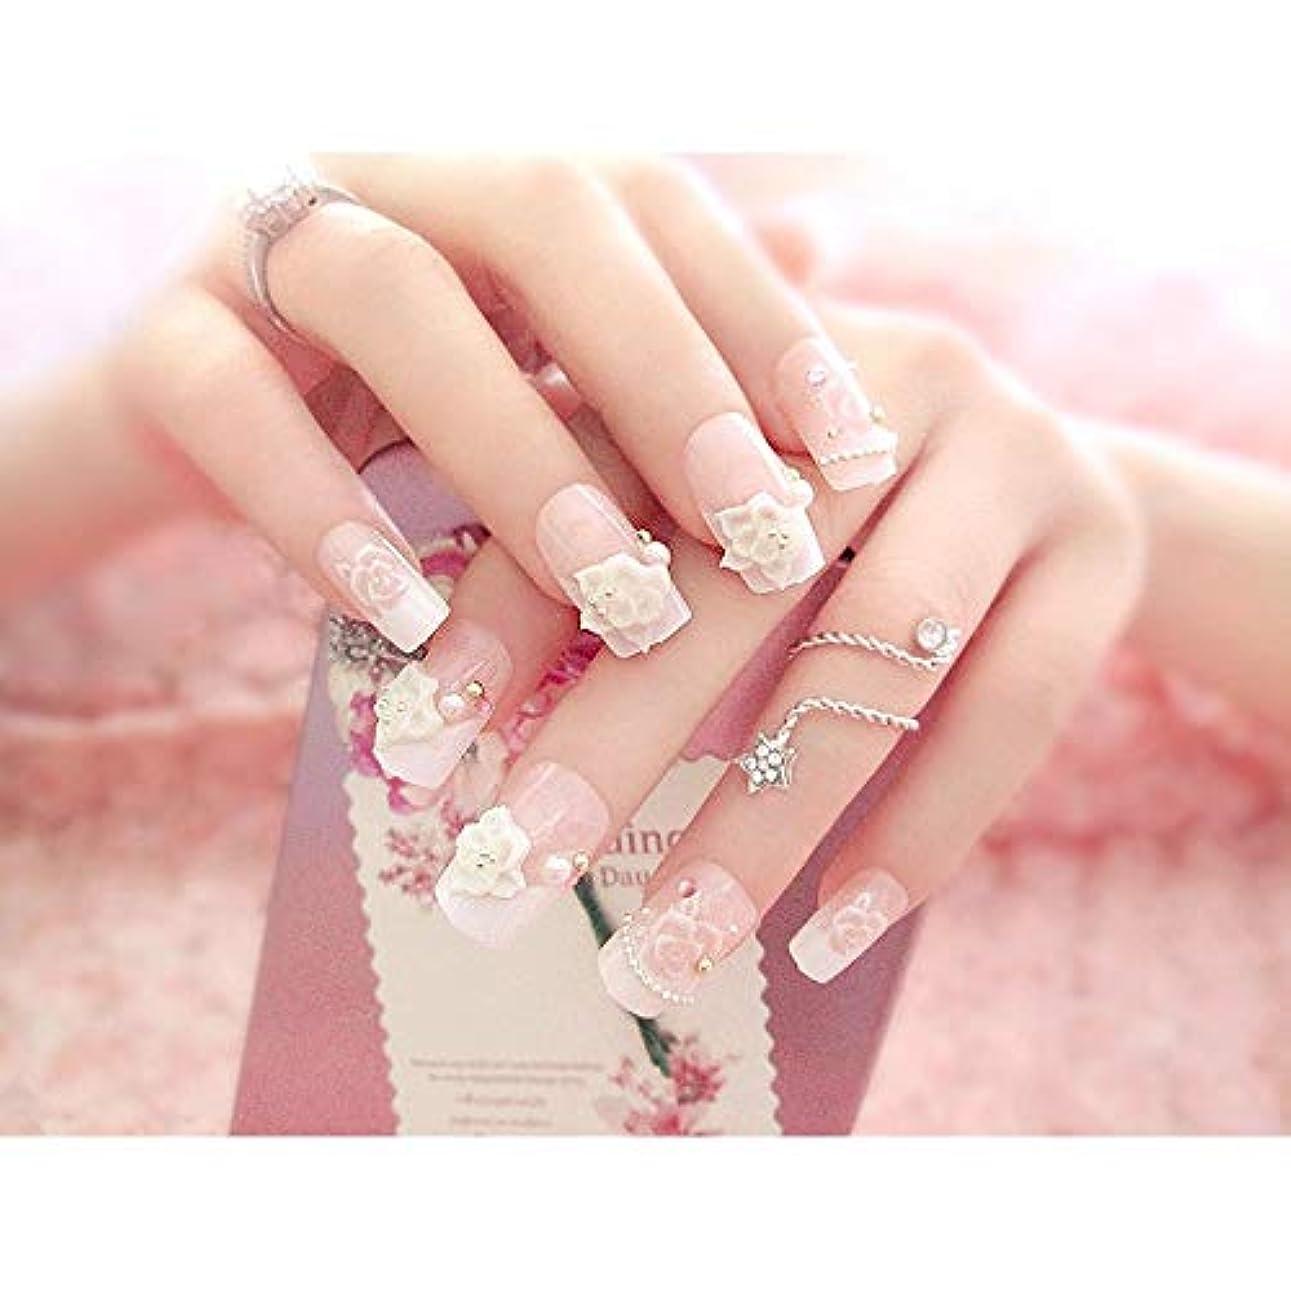 誘惑学習者アプライアンスHOHYLLYA ホワイト+ピンクは、偽の釘24ピース箱入りフェイクネイルパール花の花嫁ネイルステッカーを完成しました (色 : 24 pieces)